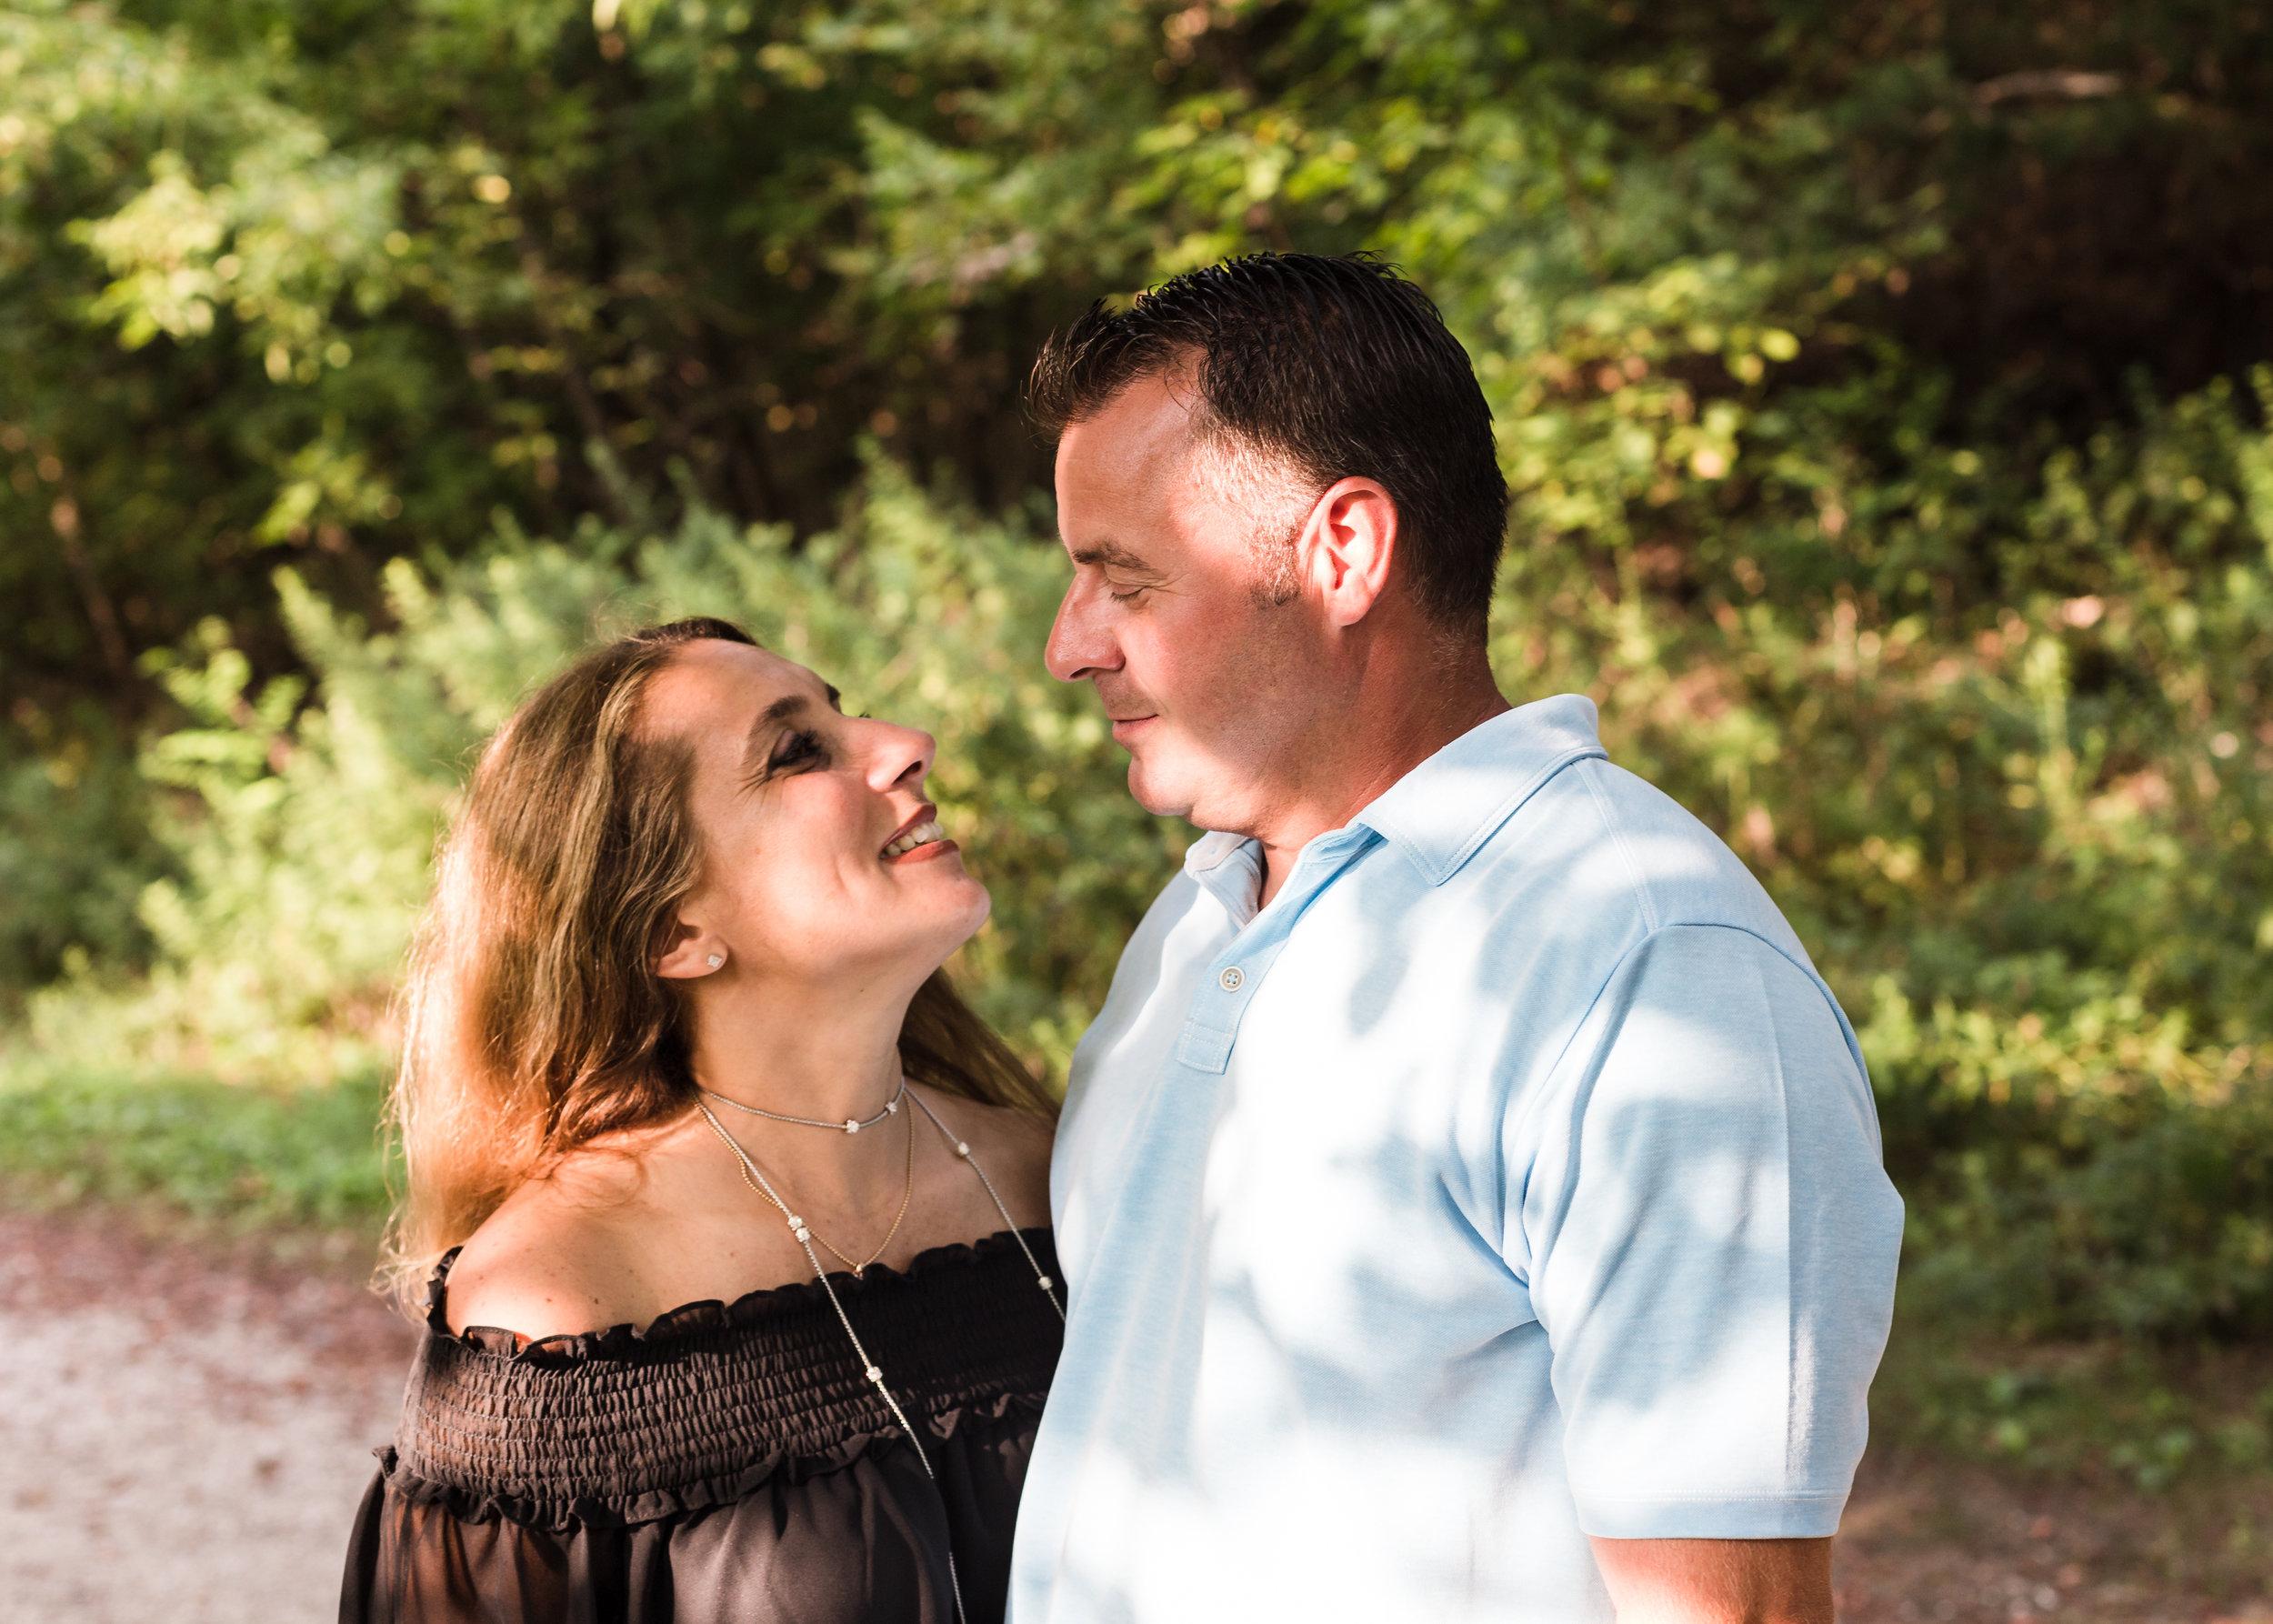 norman levy preserve merrick ny l indsaynolanphoto.com  family photography